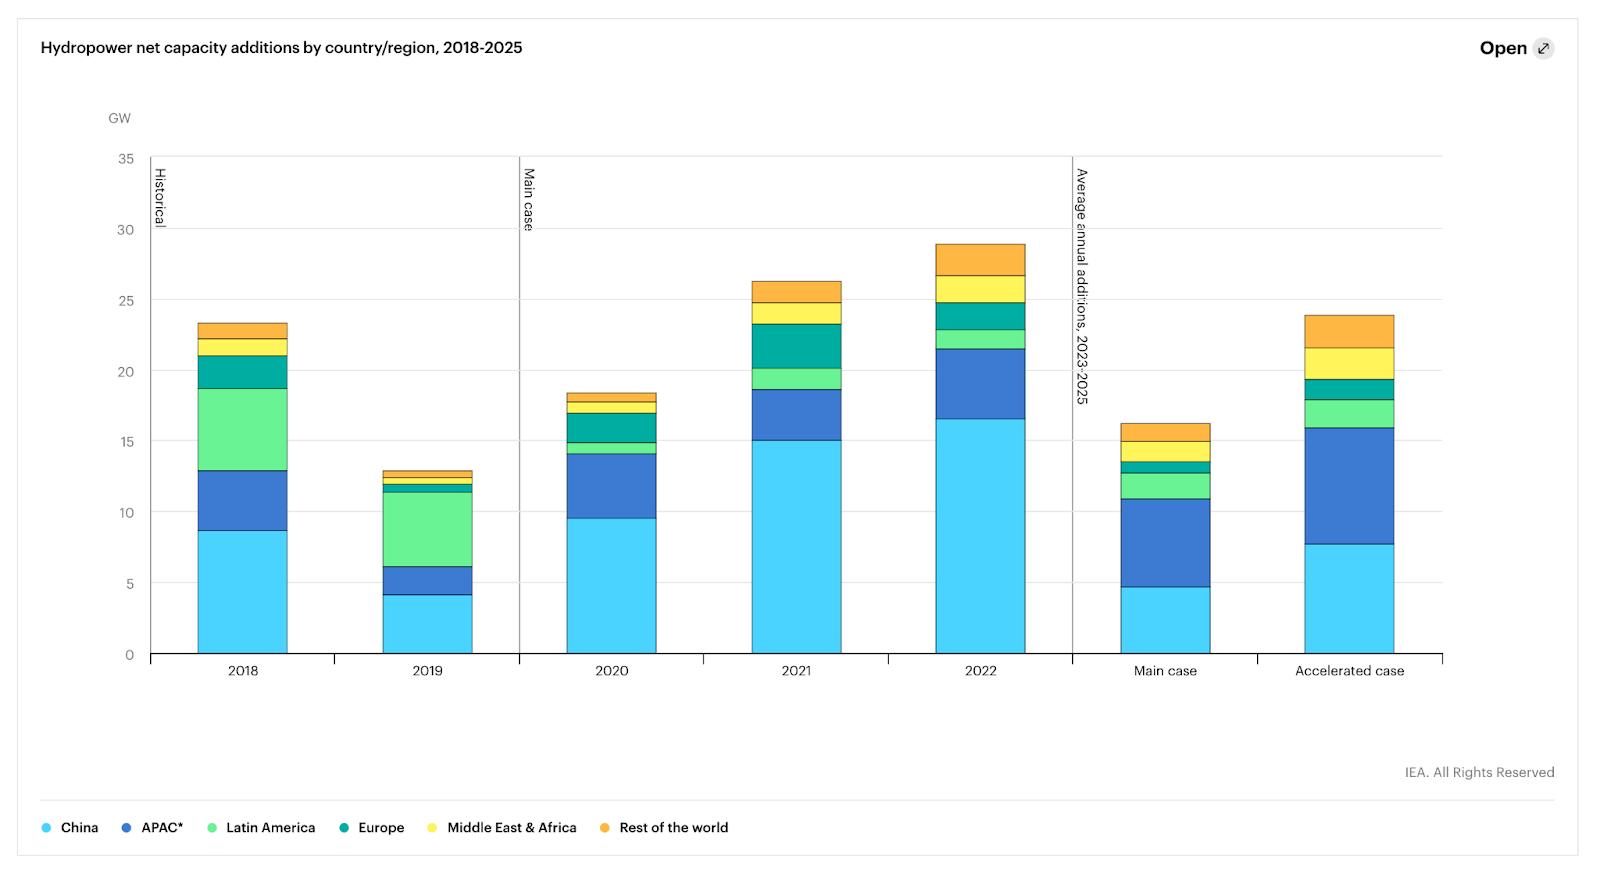 Un gráfico que muestra que China, Asia Pacífico y Europa lideran la instalación de nueva capacidad hidroeléctrica, incluido el almacenamiento por bombeo.